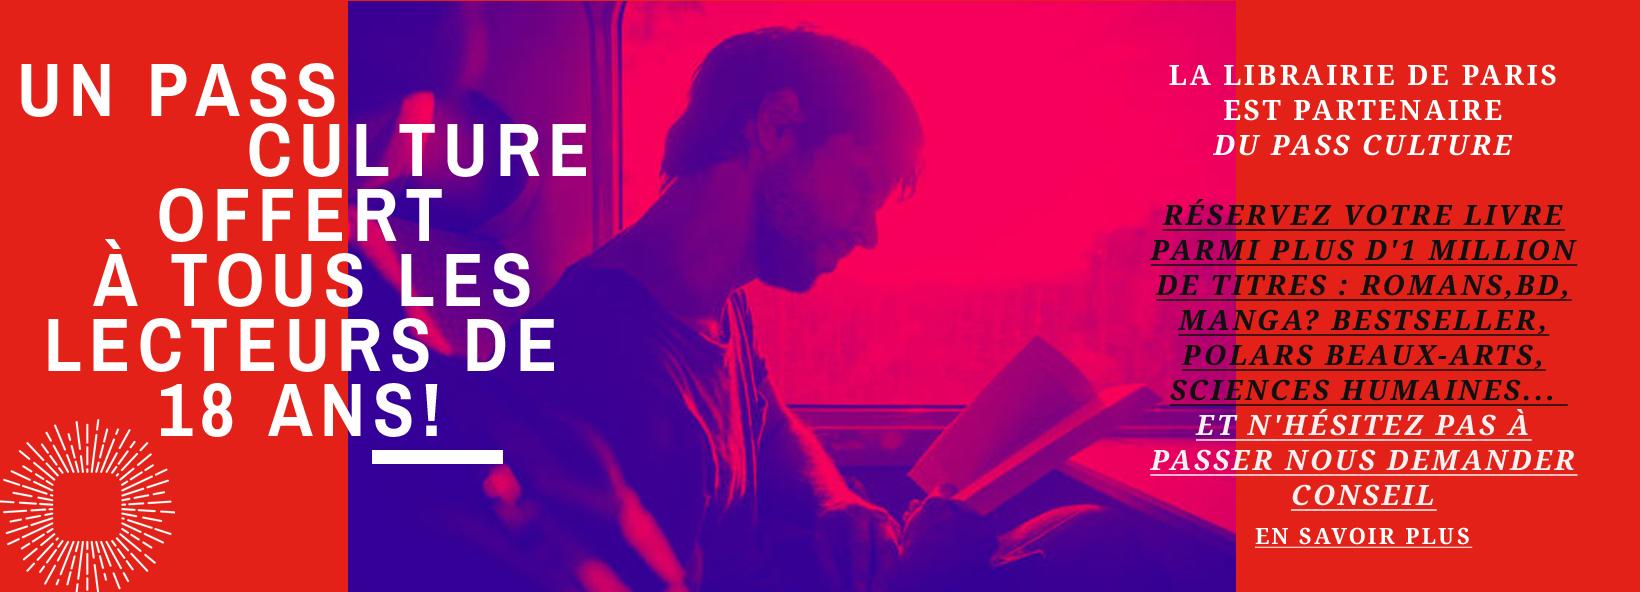 Vous avez (bientôt) 18 ans ?  Inscrivez-vous au Pass Culture et recevez 500€, achats de livres inclus !